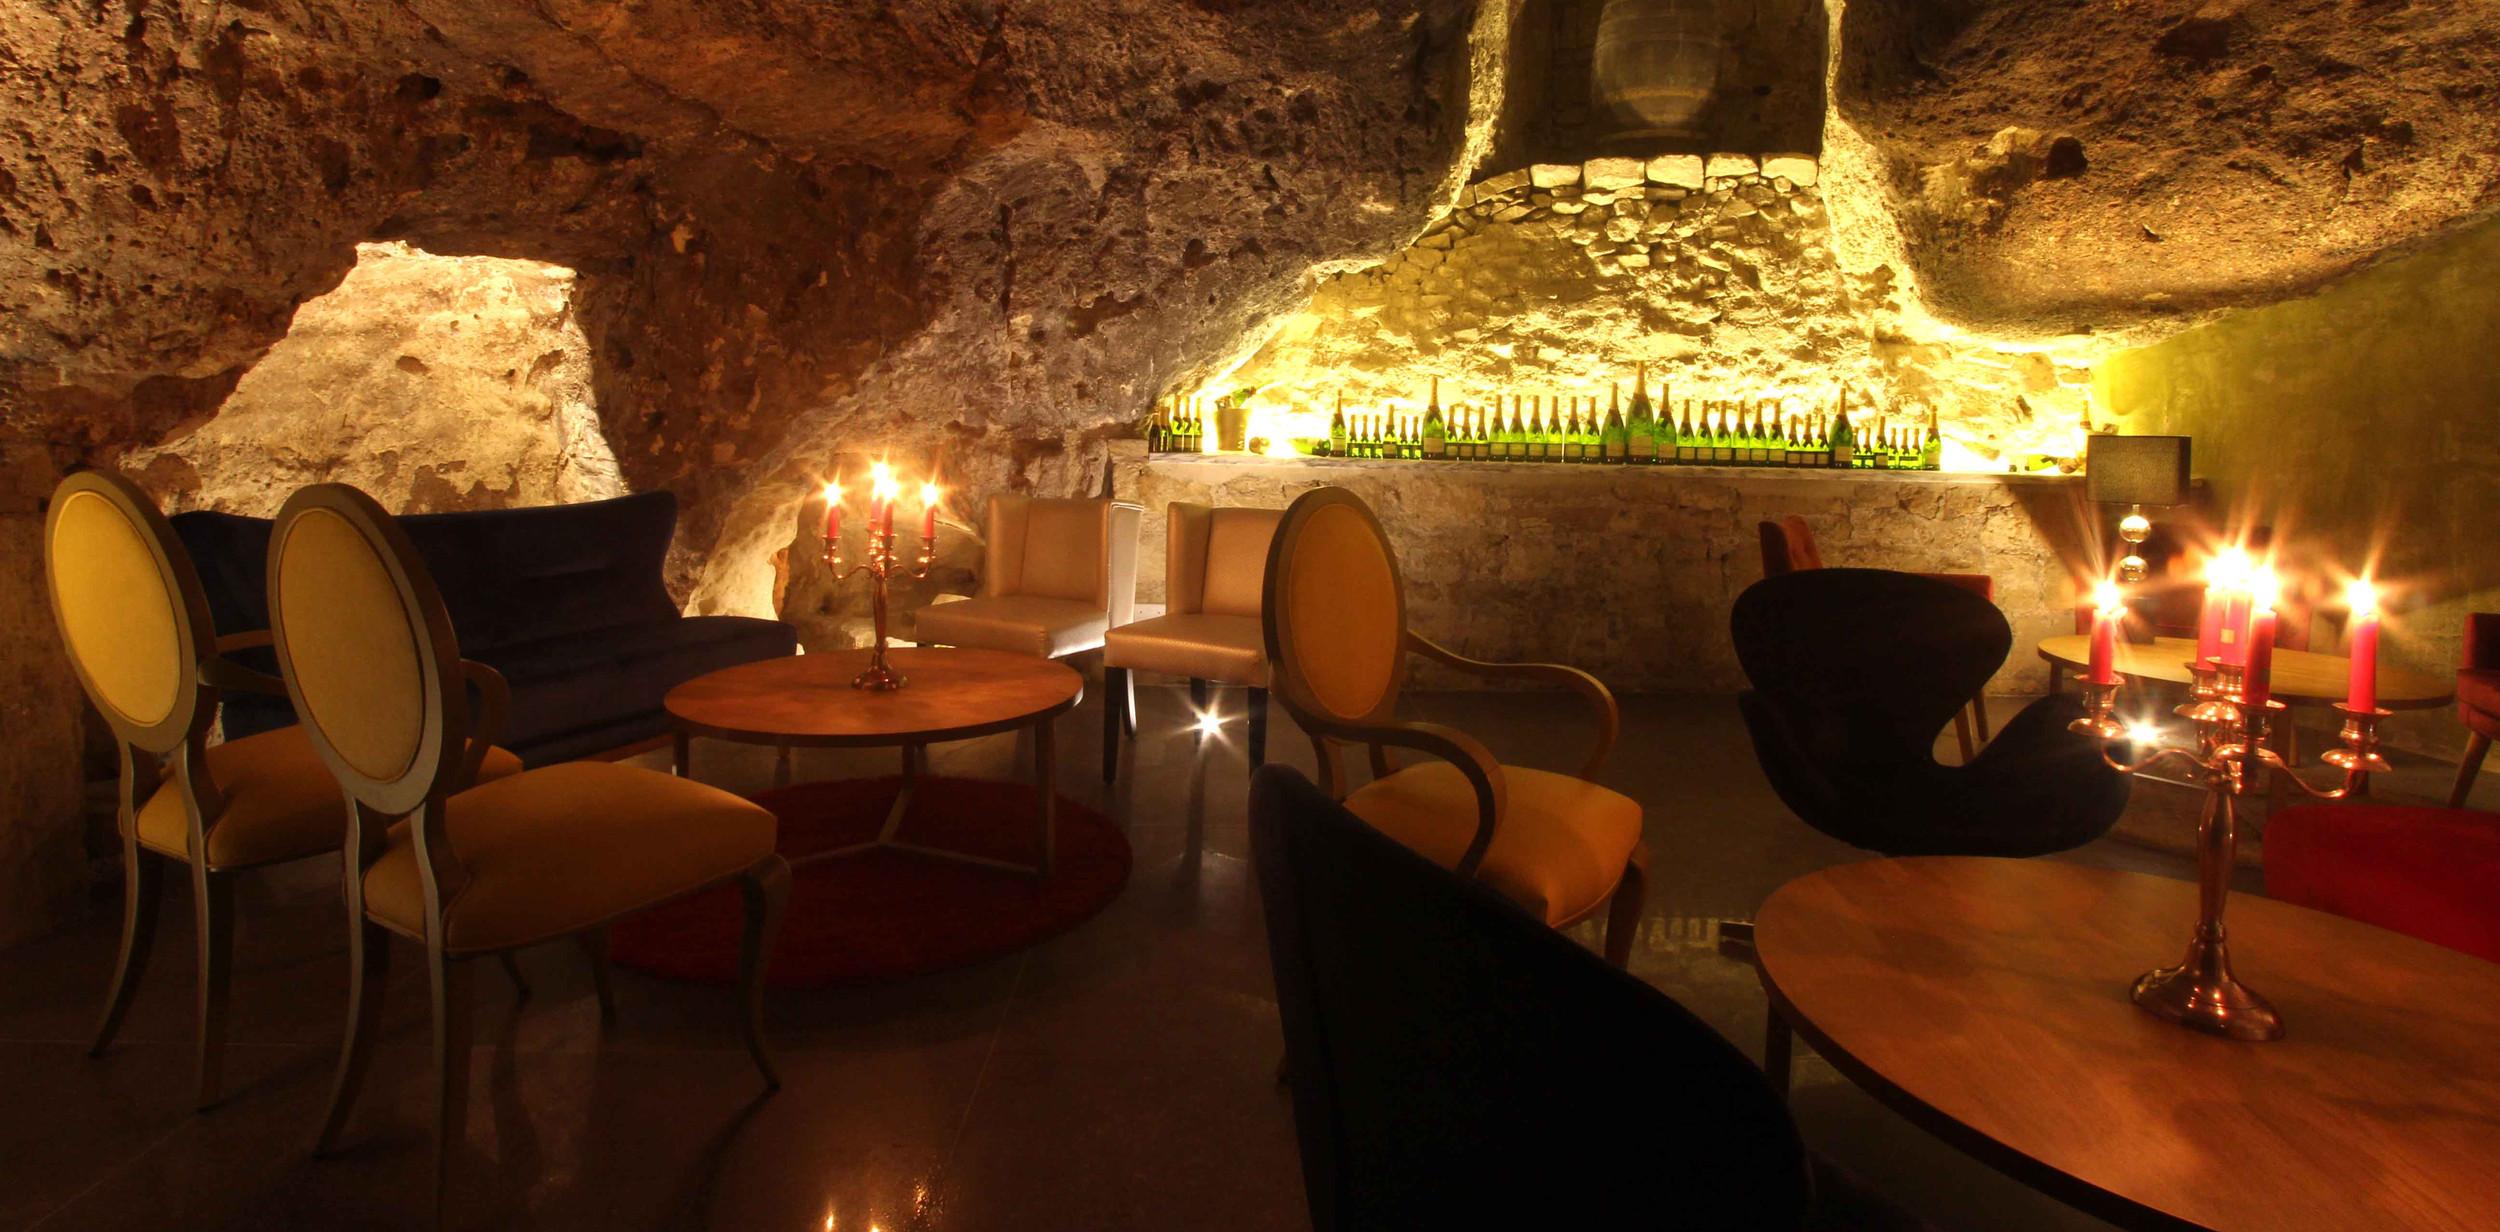 The Best Restaurant In Rabat Malta Grotto Tavern